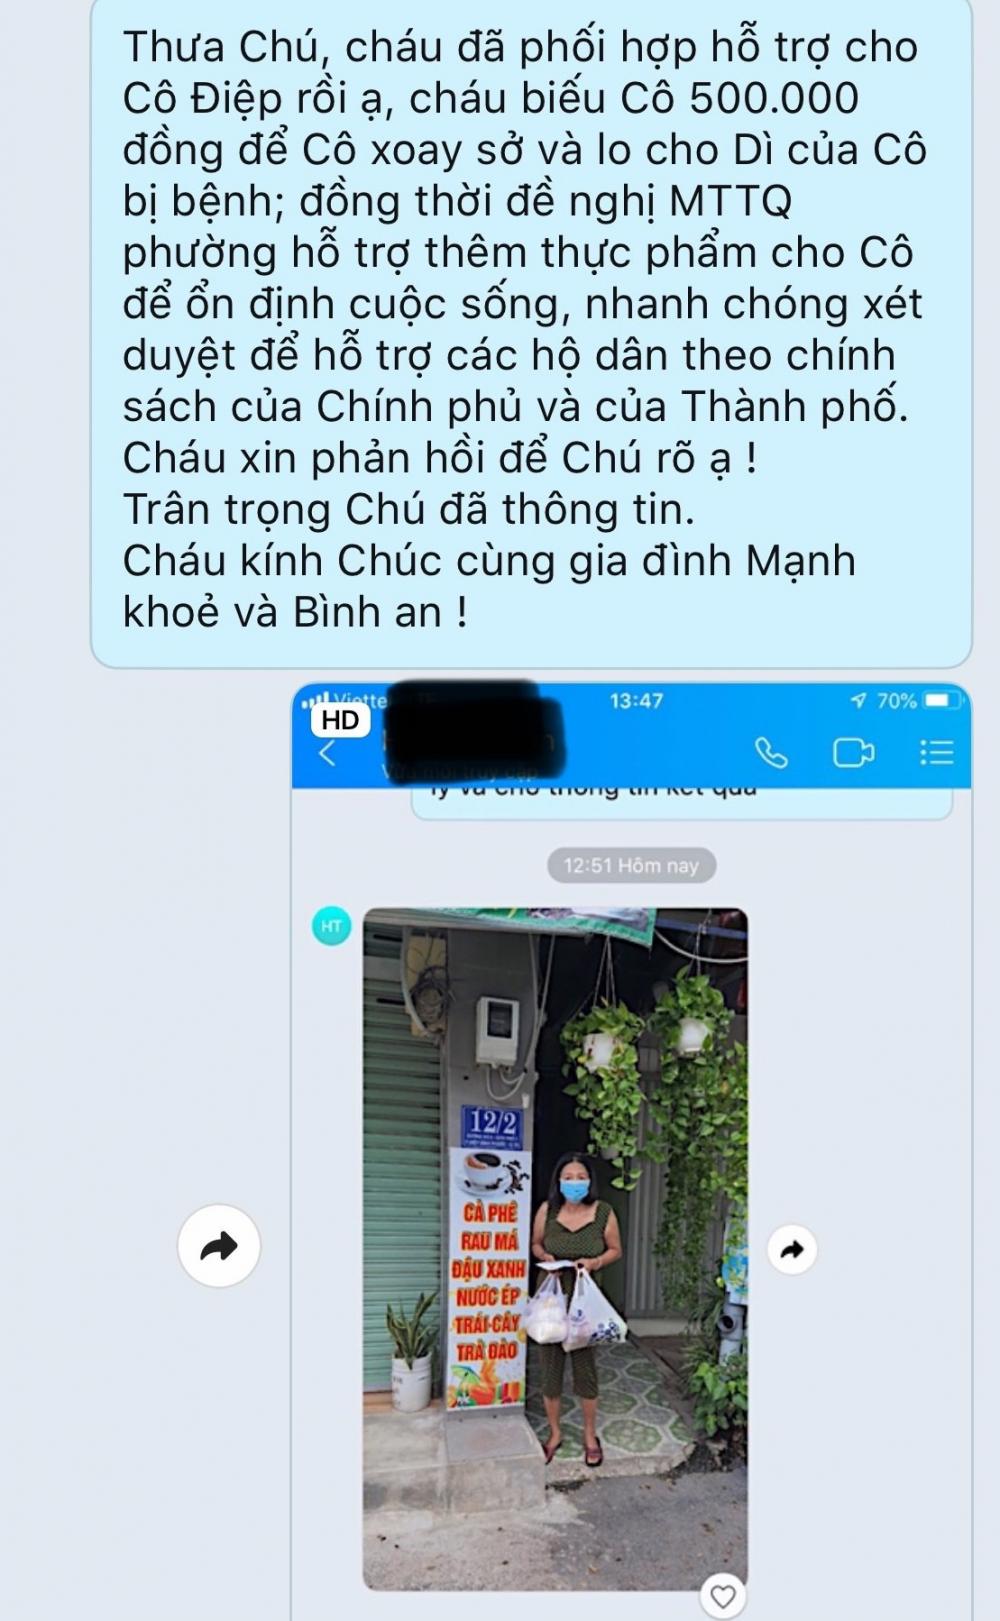 Tin nhắn phản hồi đã giải quyết trường hợp người dân cần hỗ trợ khẩn cấp ở TP Thủ Đức của cán bộ MTTQ tại cơ sở.